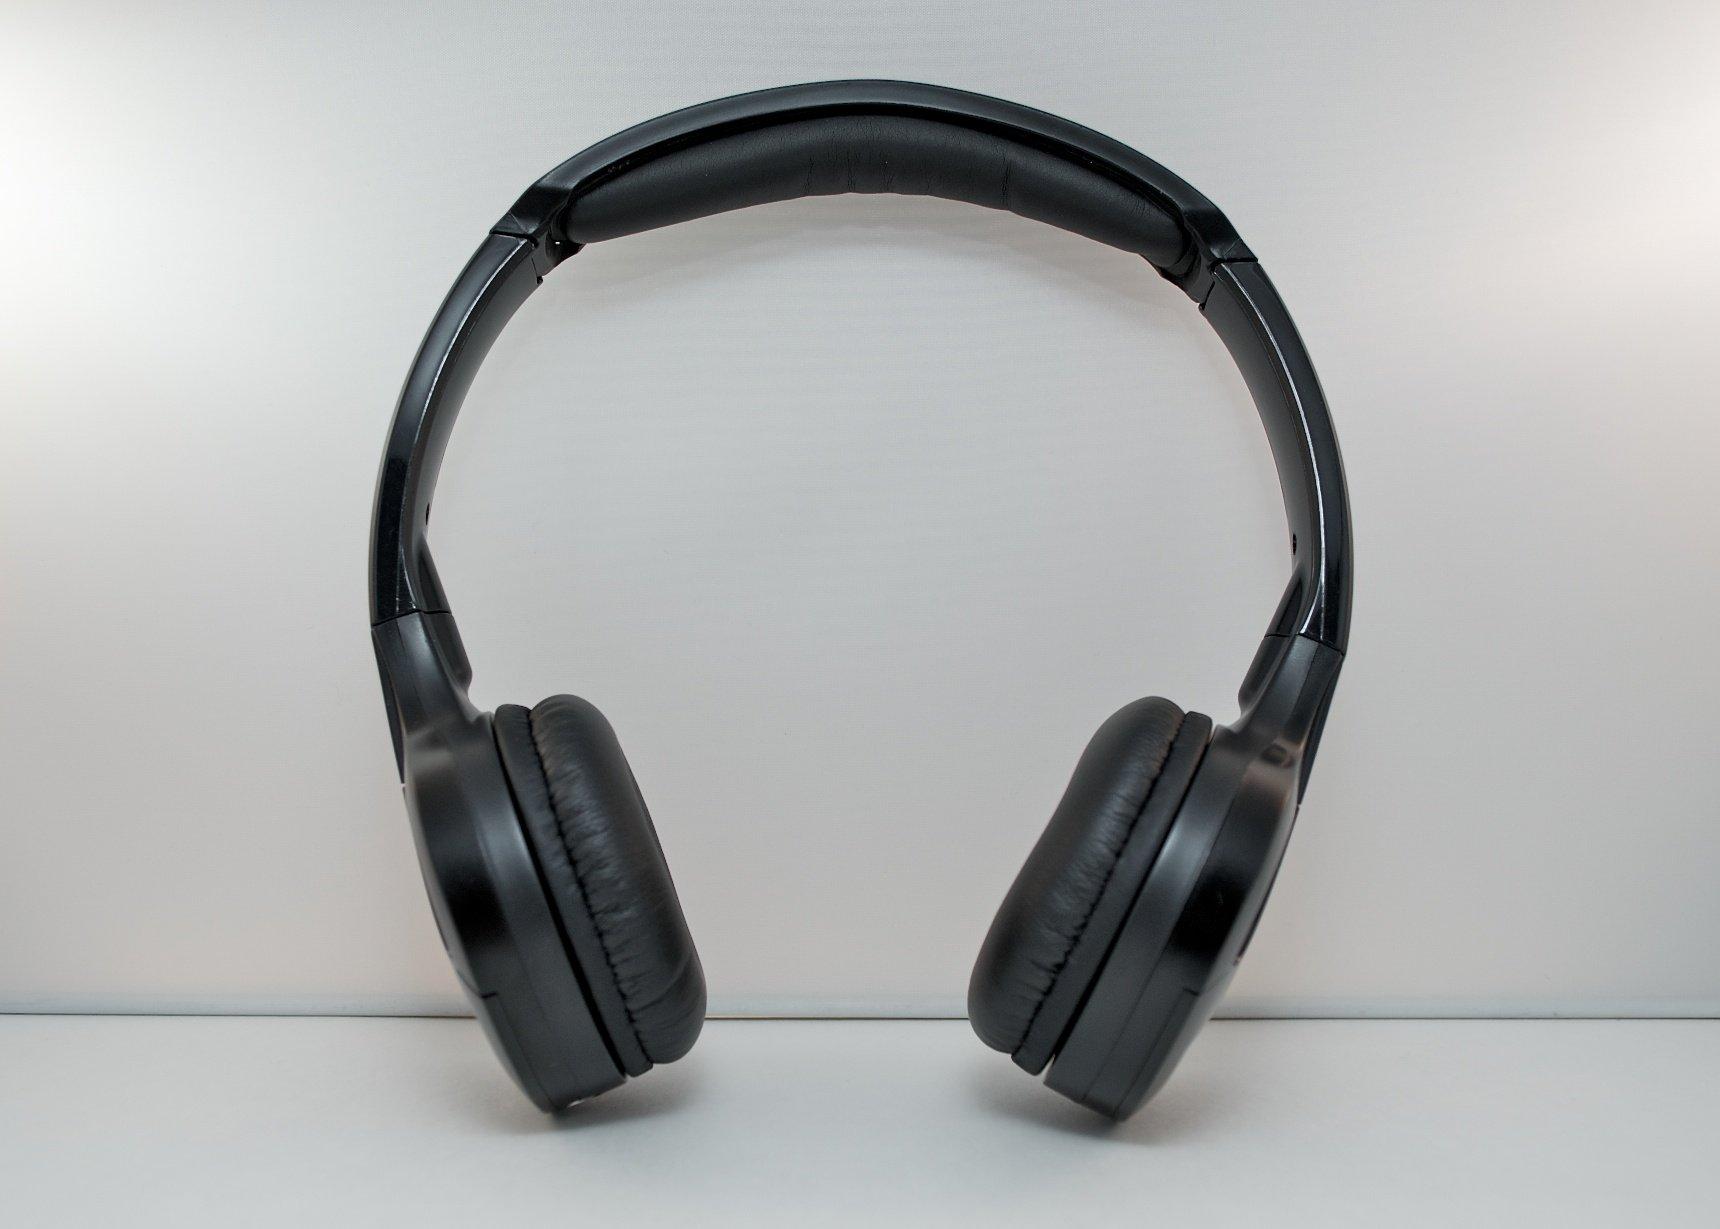 Honda CR-V Wireless DVD Headphones Kids Headset (Black)